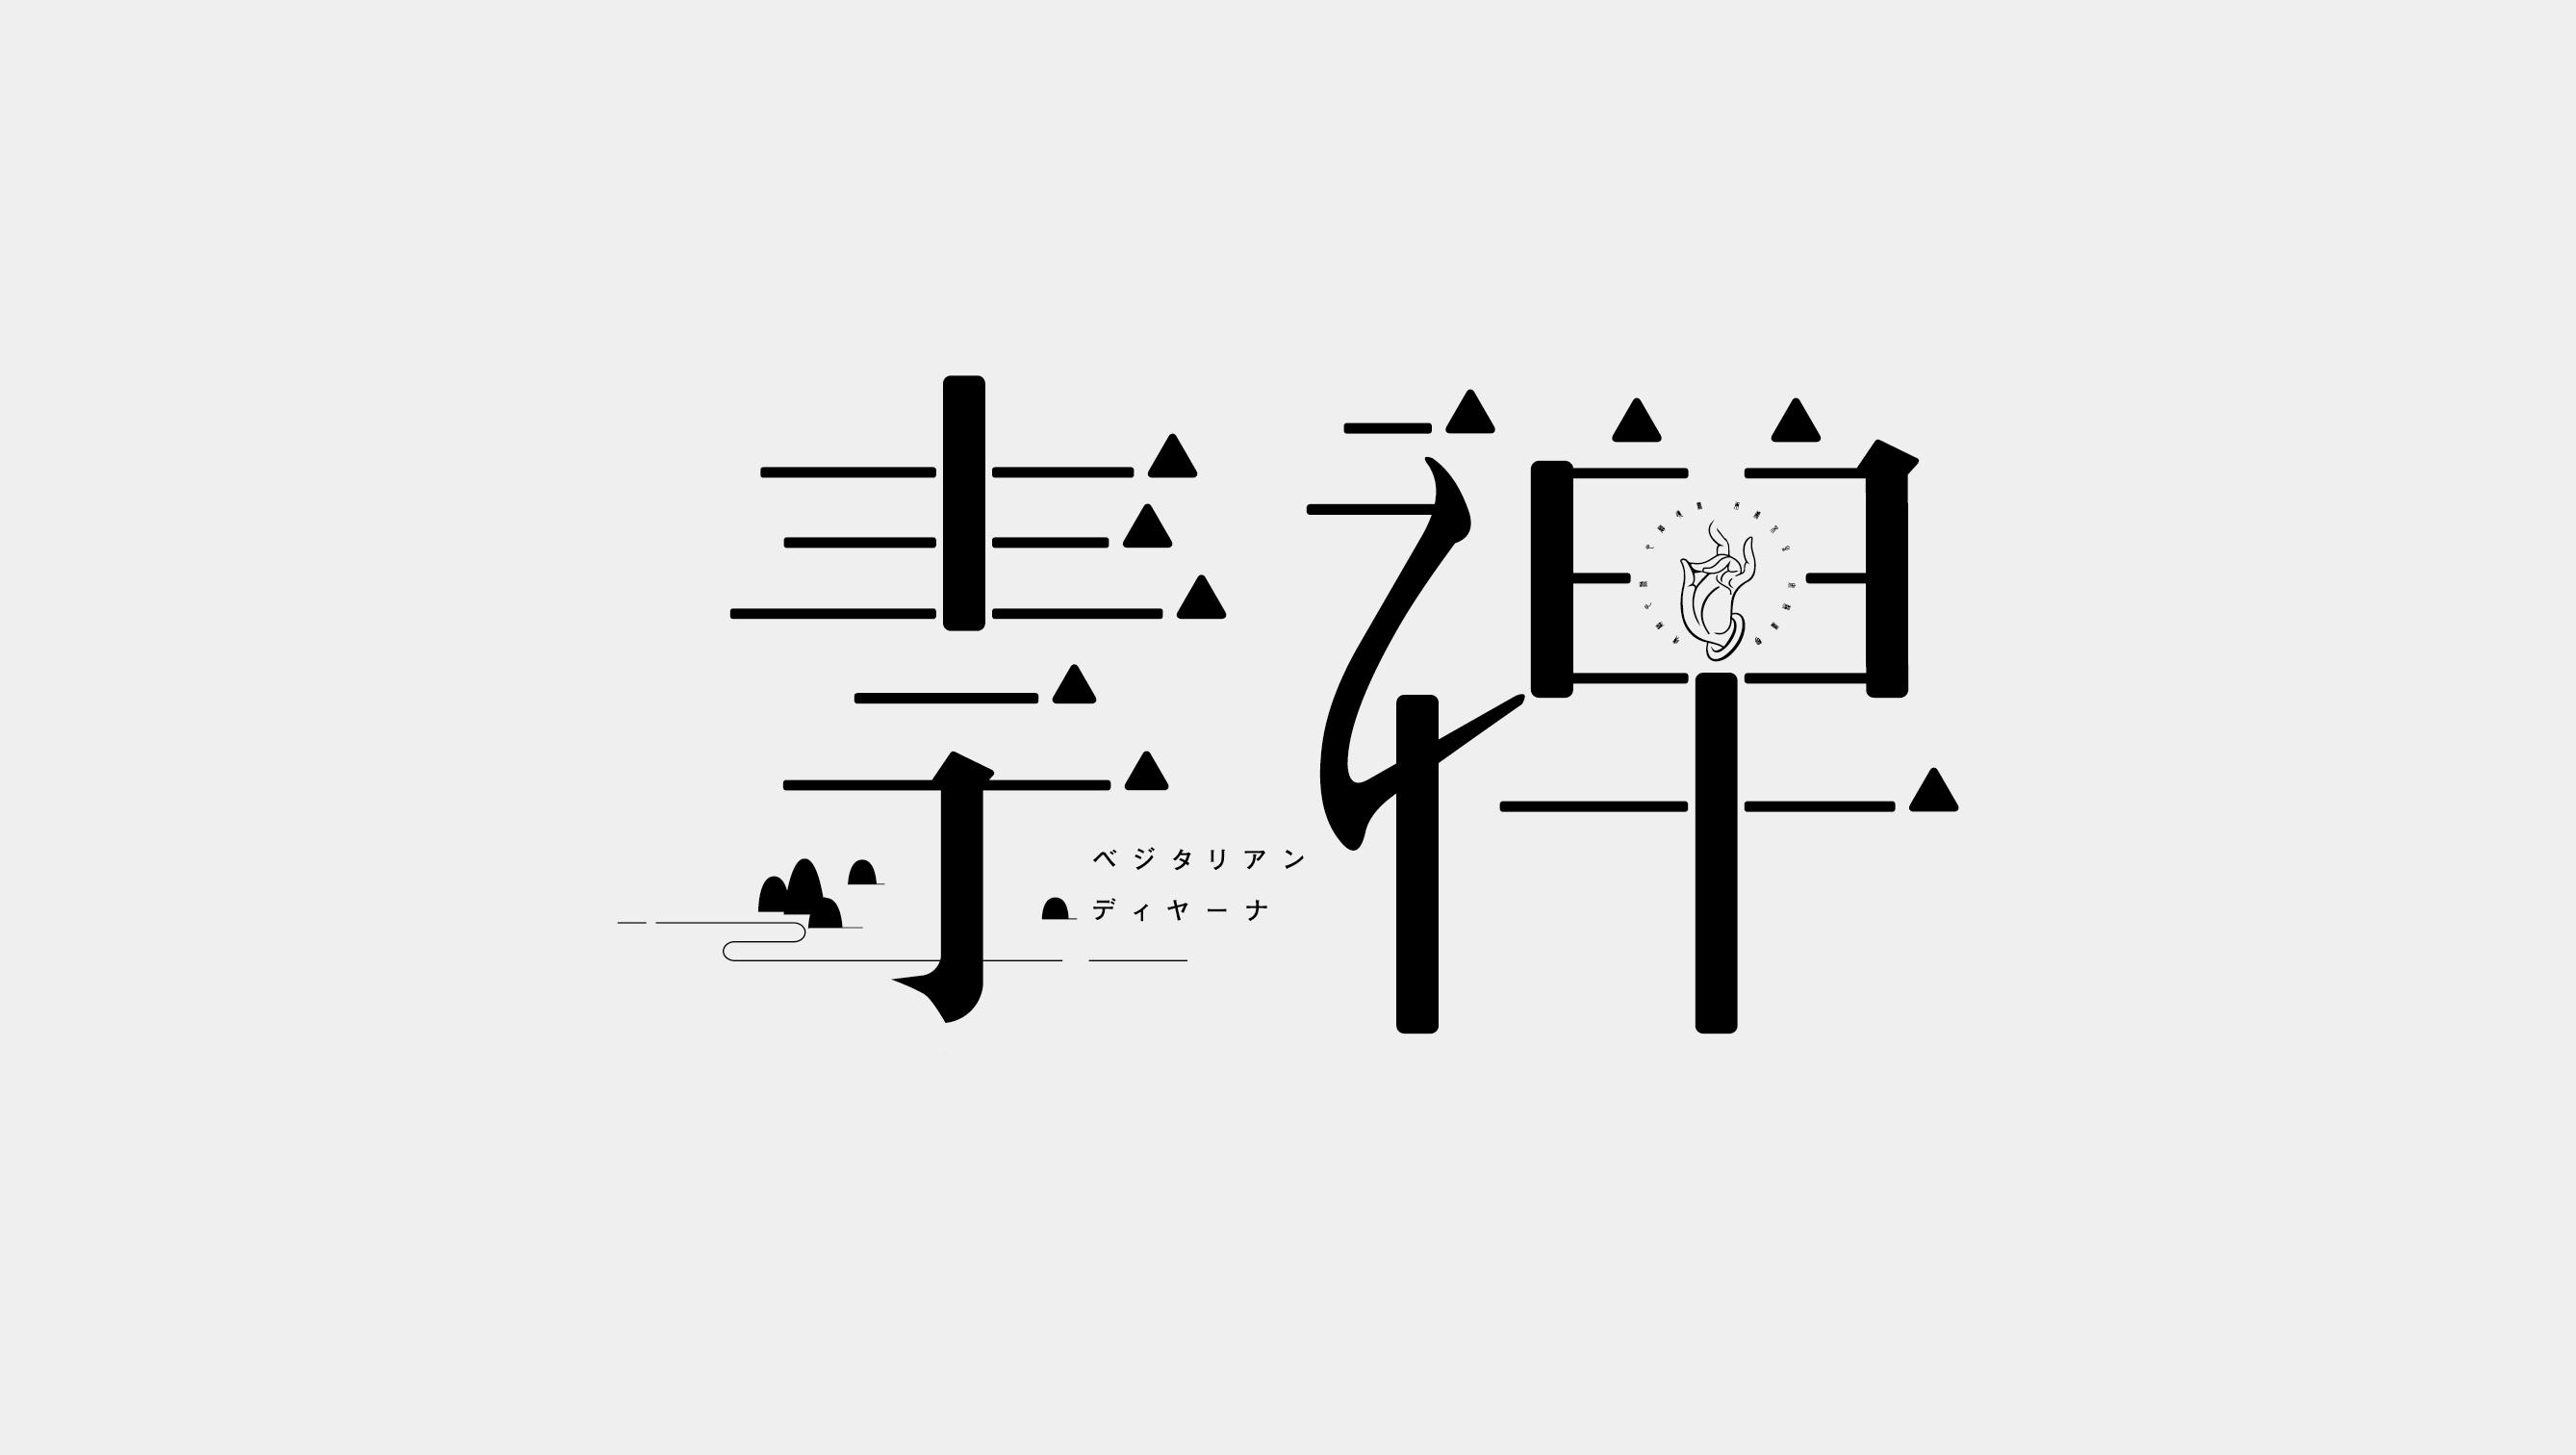 加入日文字体的运用,同时进行了简单的排版设计,请字友们多指点图片